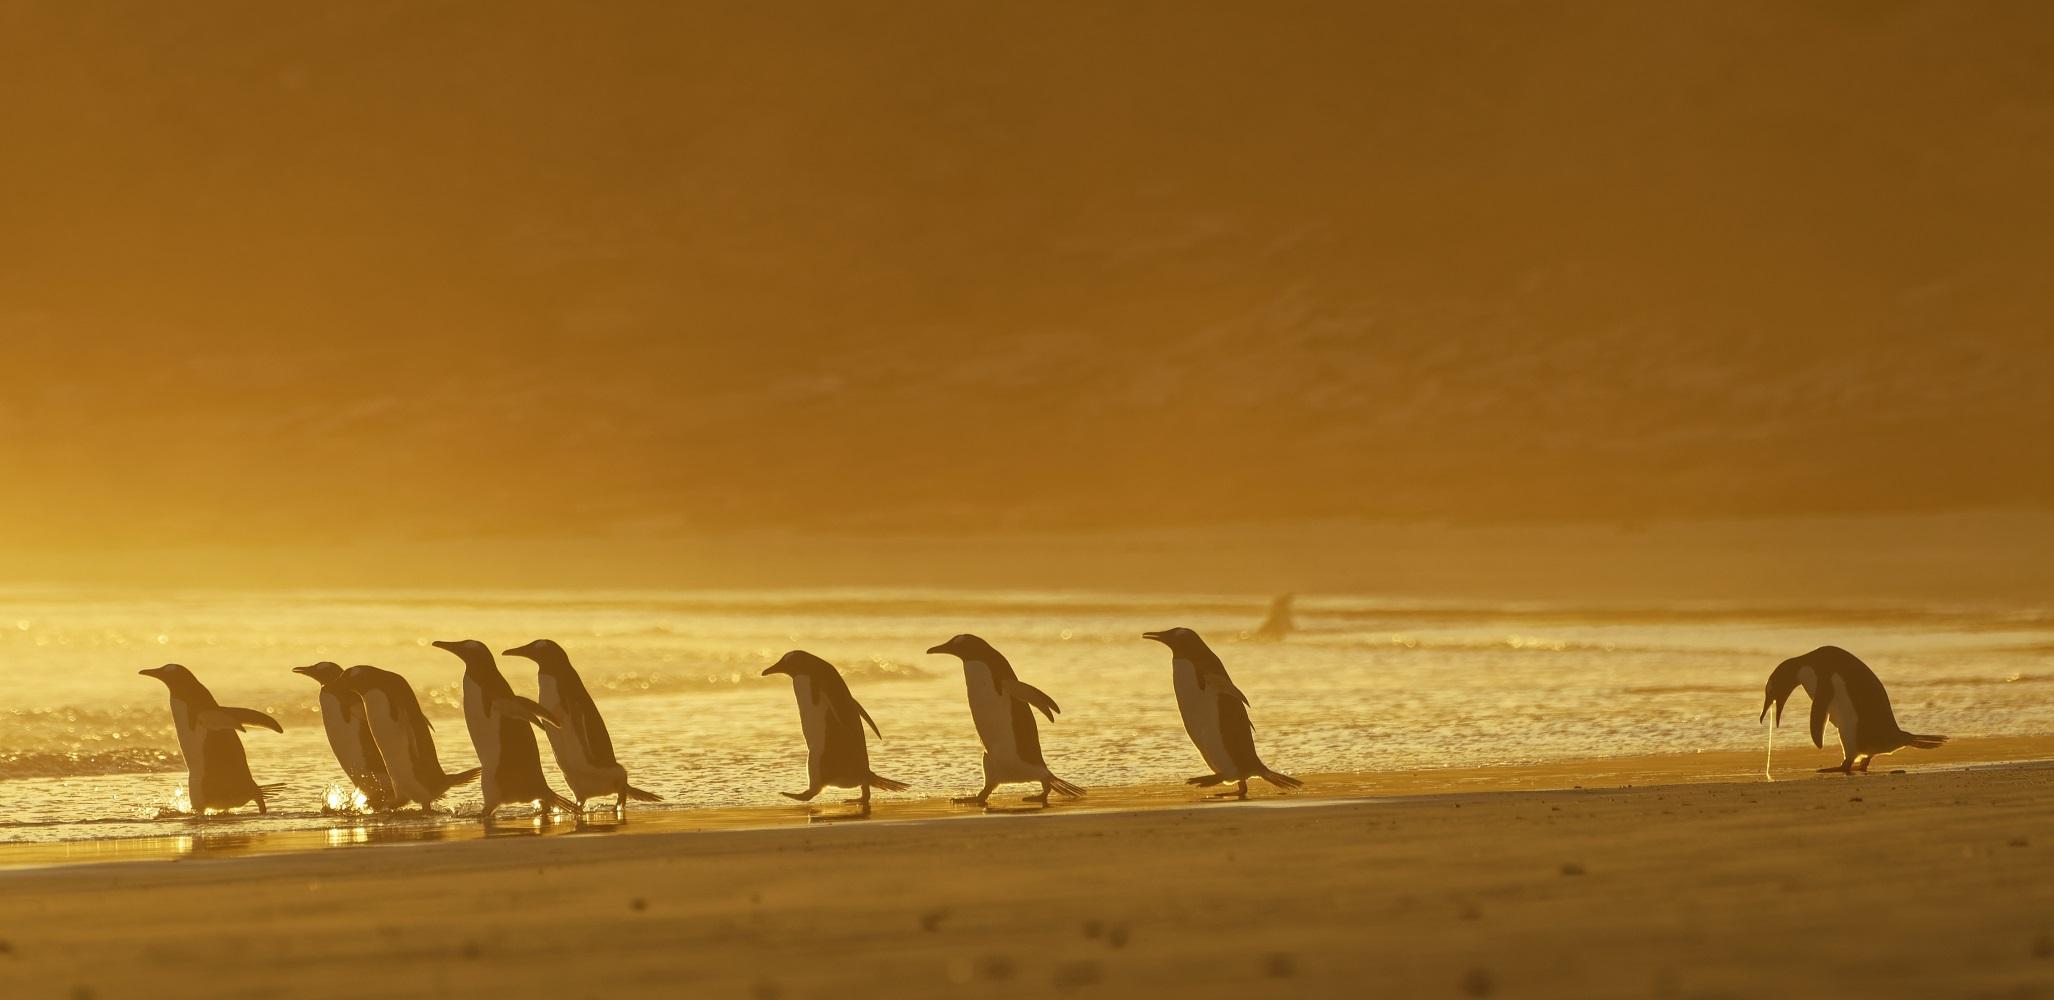 Povratak iz izlaska u mlađim danima. Autorica je Christina Holfelder, a sliku je uhvatila na Falklandskim otocima.